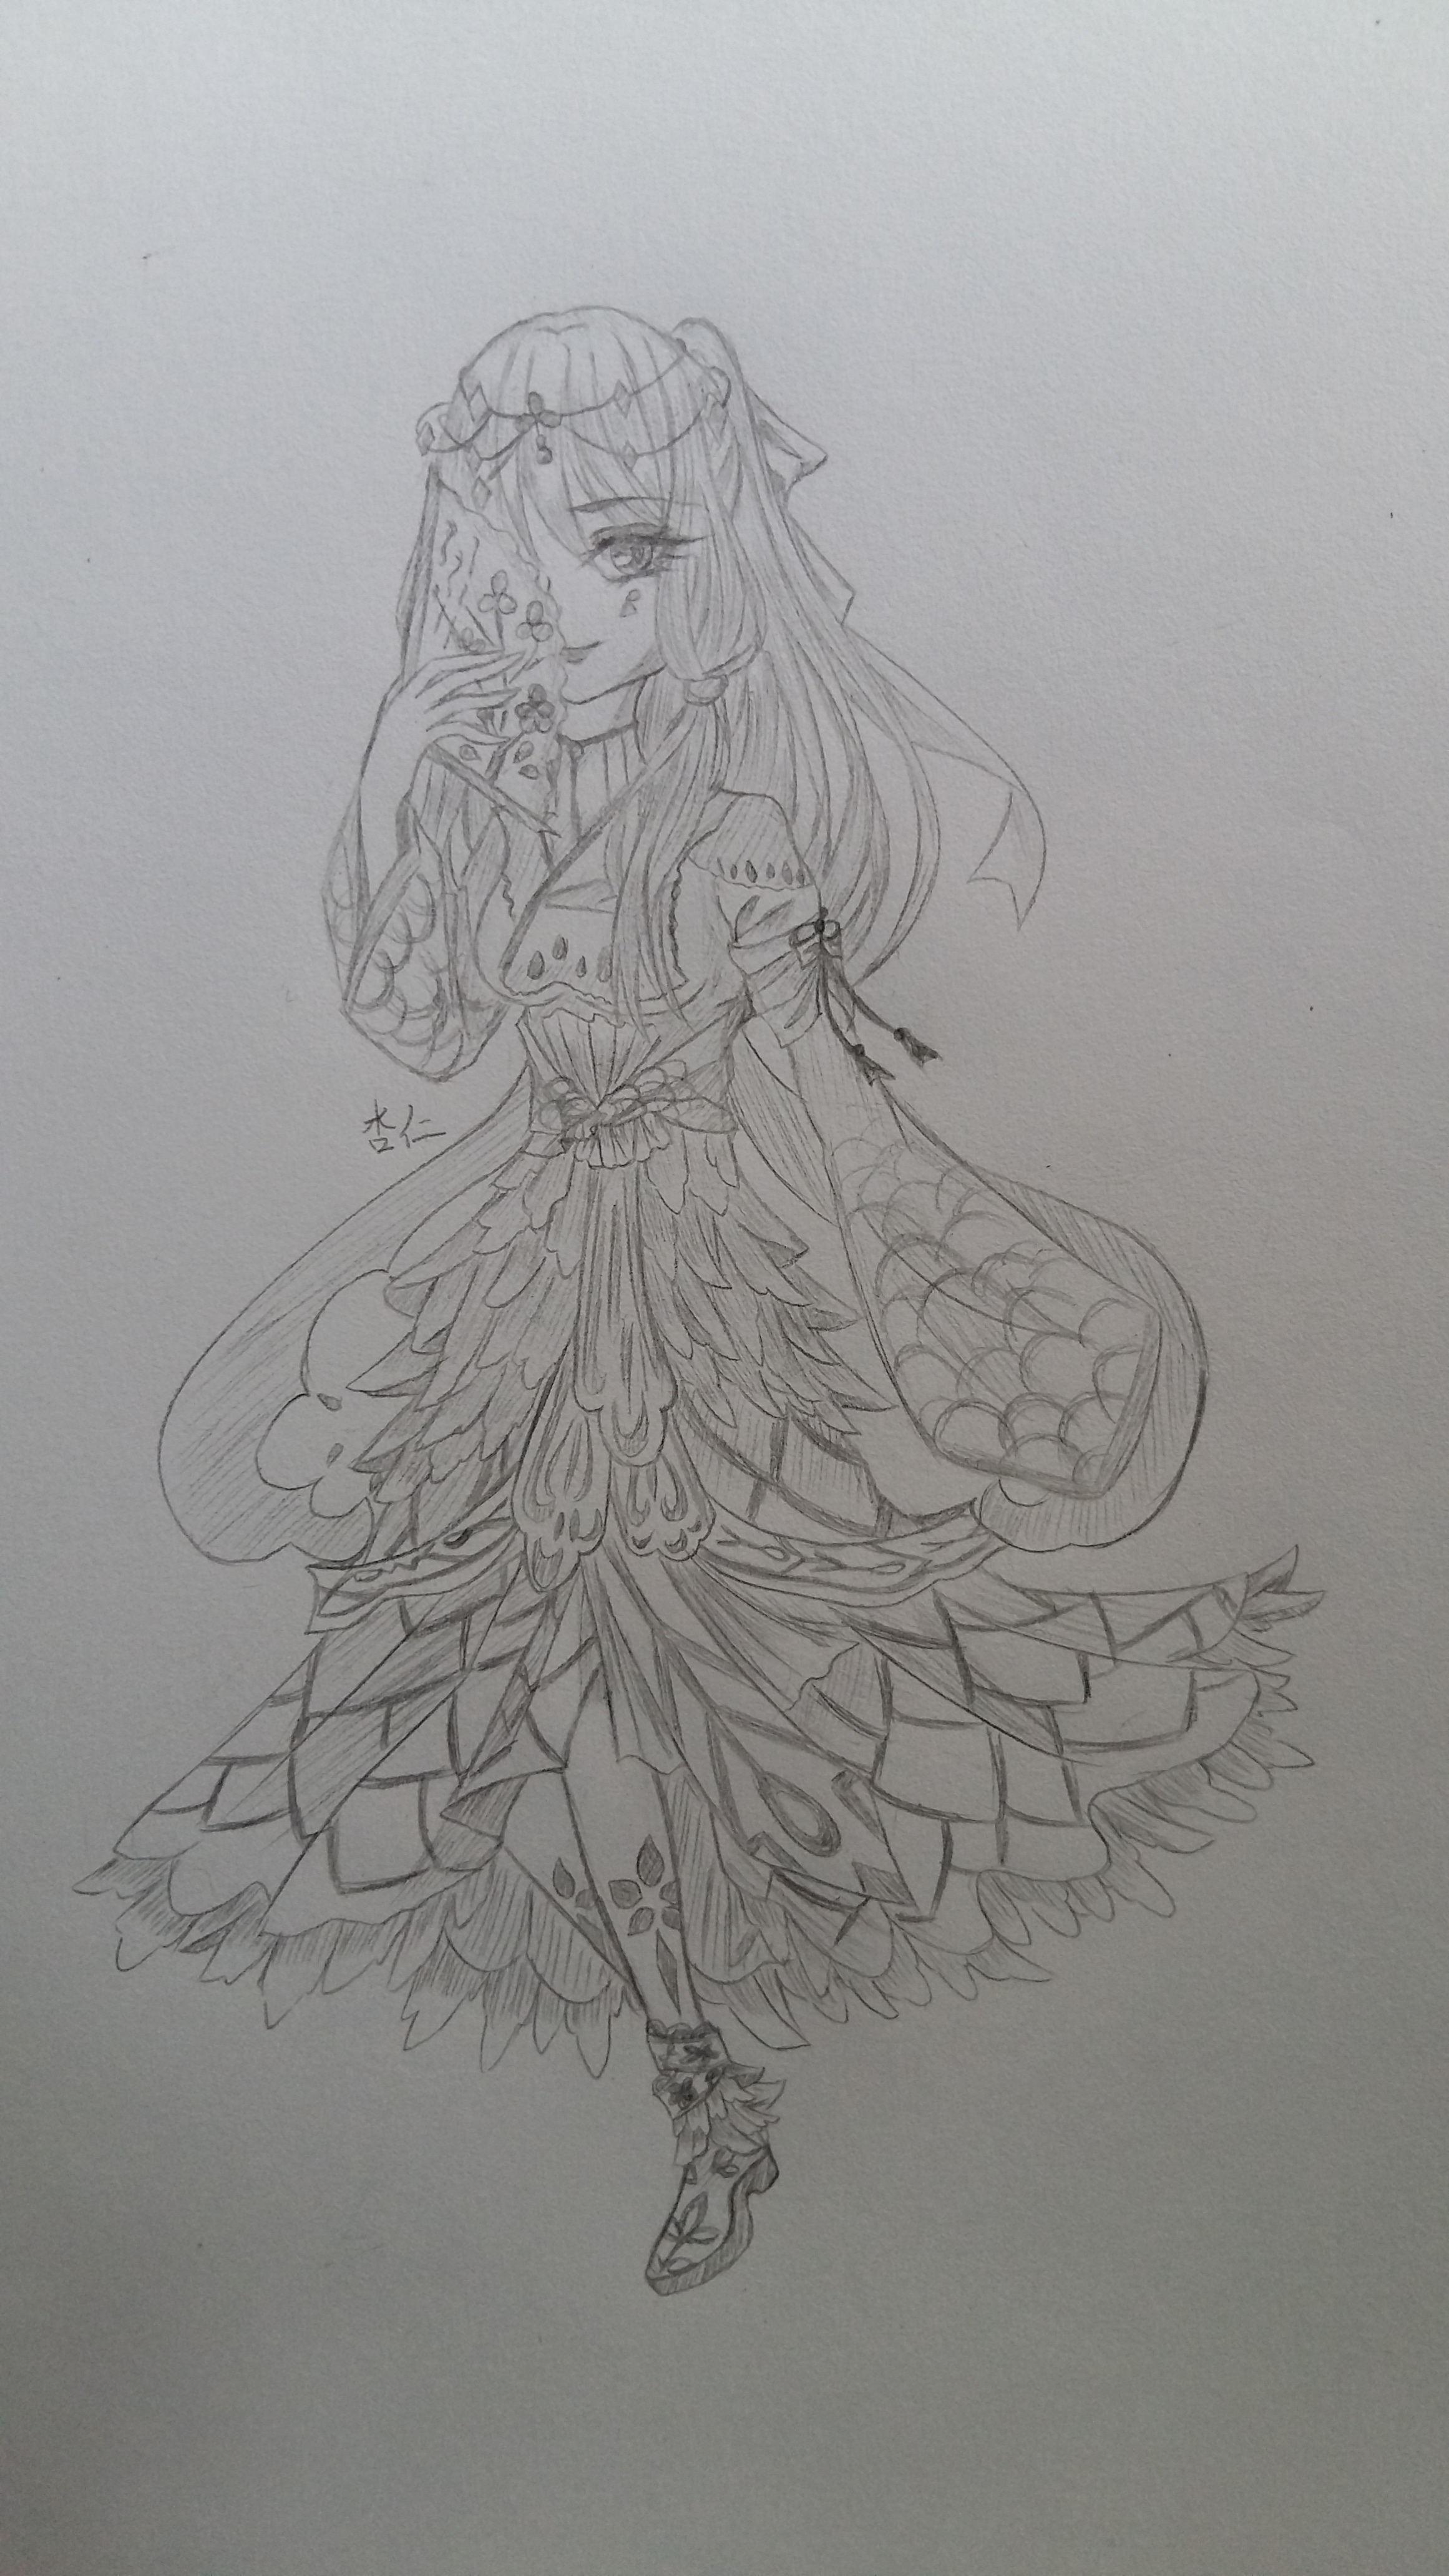 铅笔手绘图